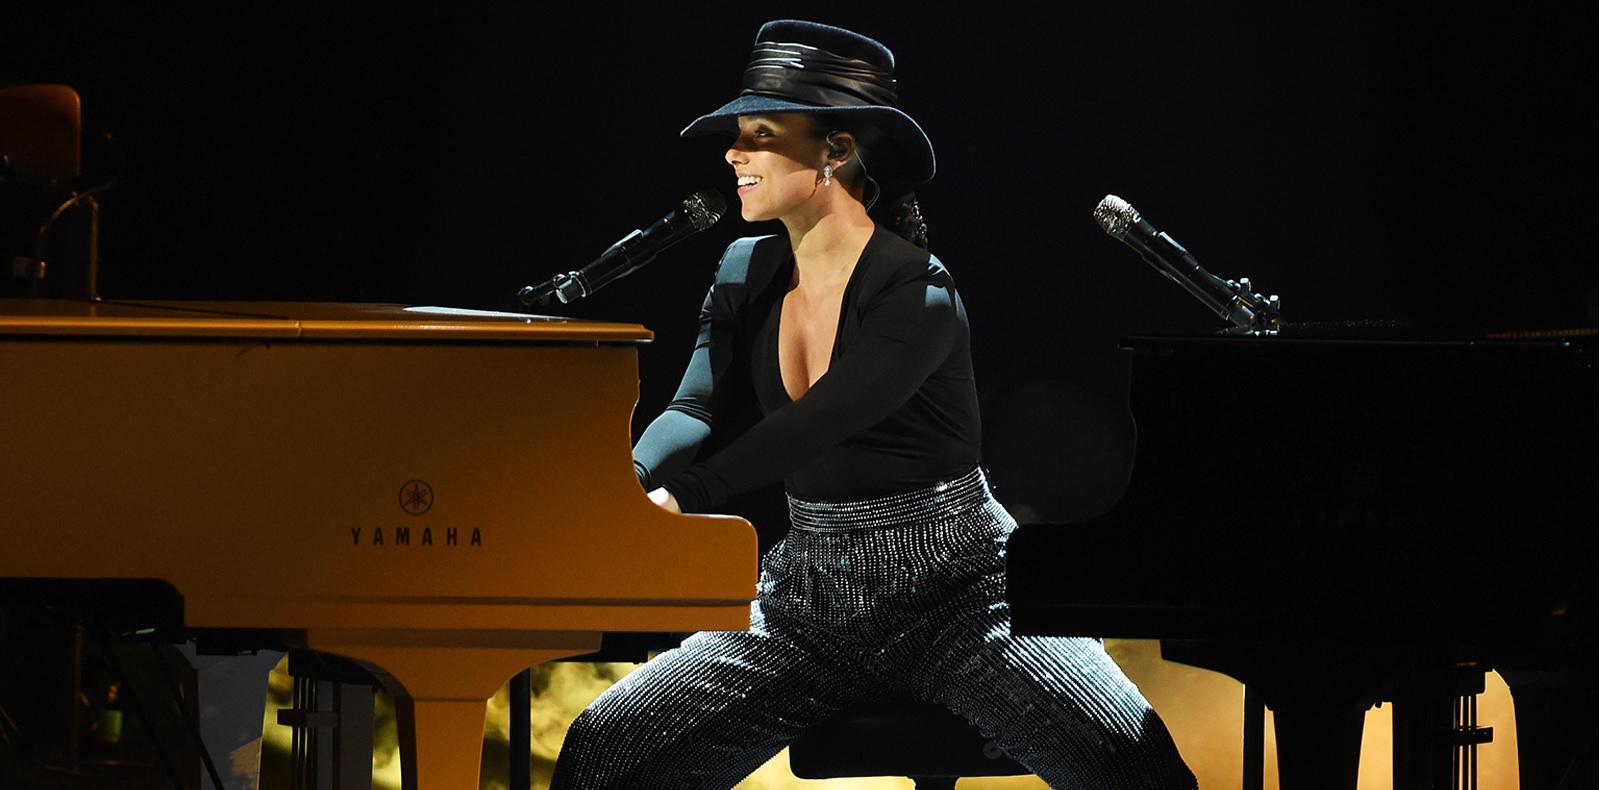 Pourquoi Alicia Keys est la vraie star des Grammy Awards 2019 ?